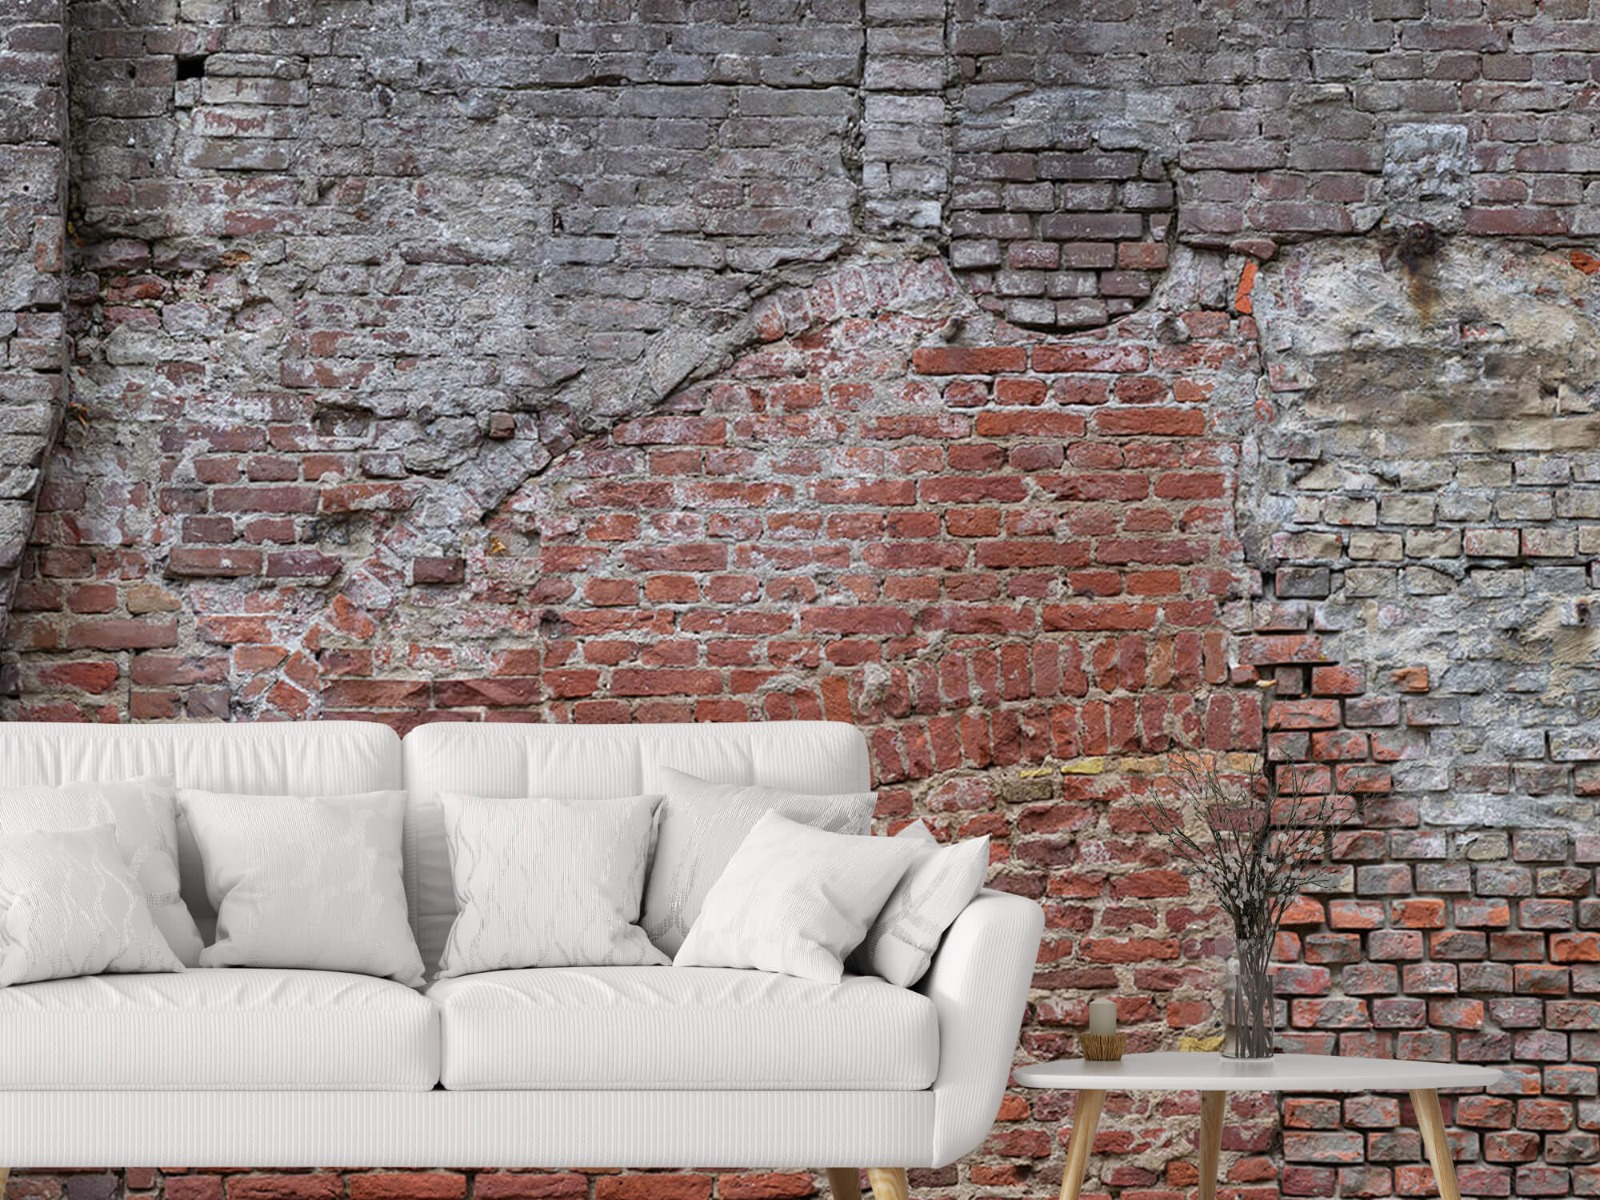 Steen behang - Oude herstelde stadsmuur - Tienerkamer 4